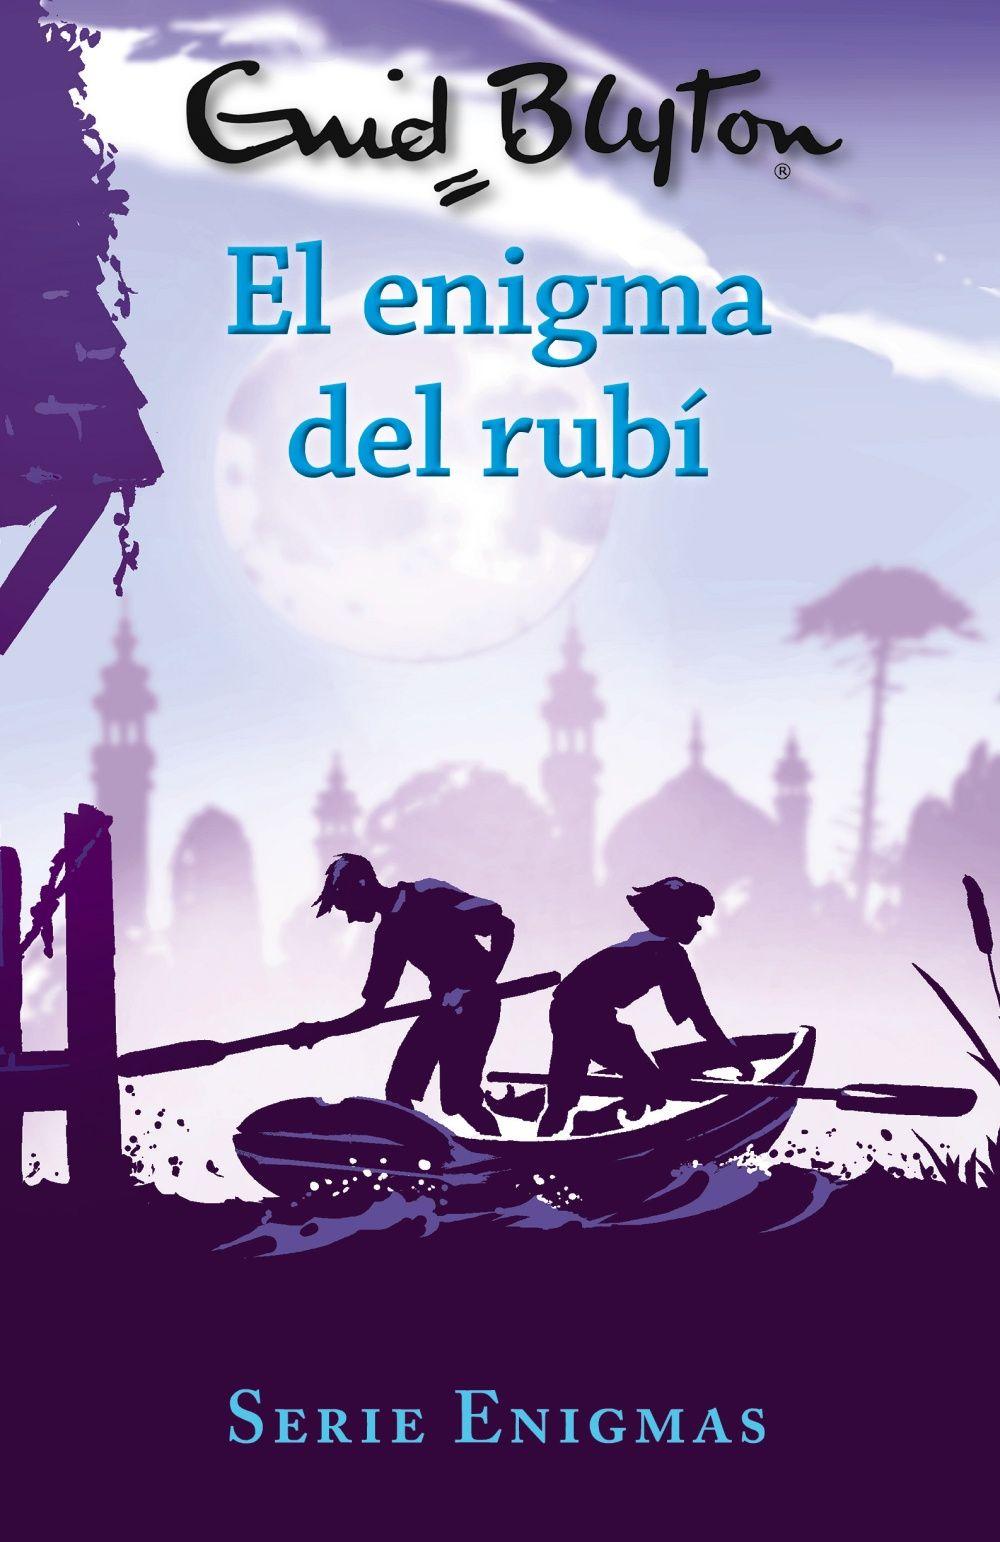 SERIE ENIGMAS 3. EL ENIGMA DEL RUBÍ